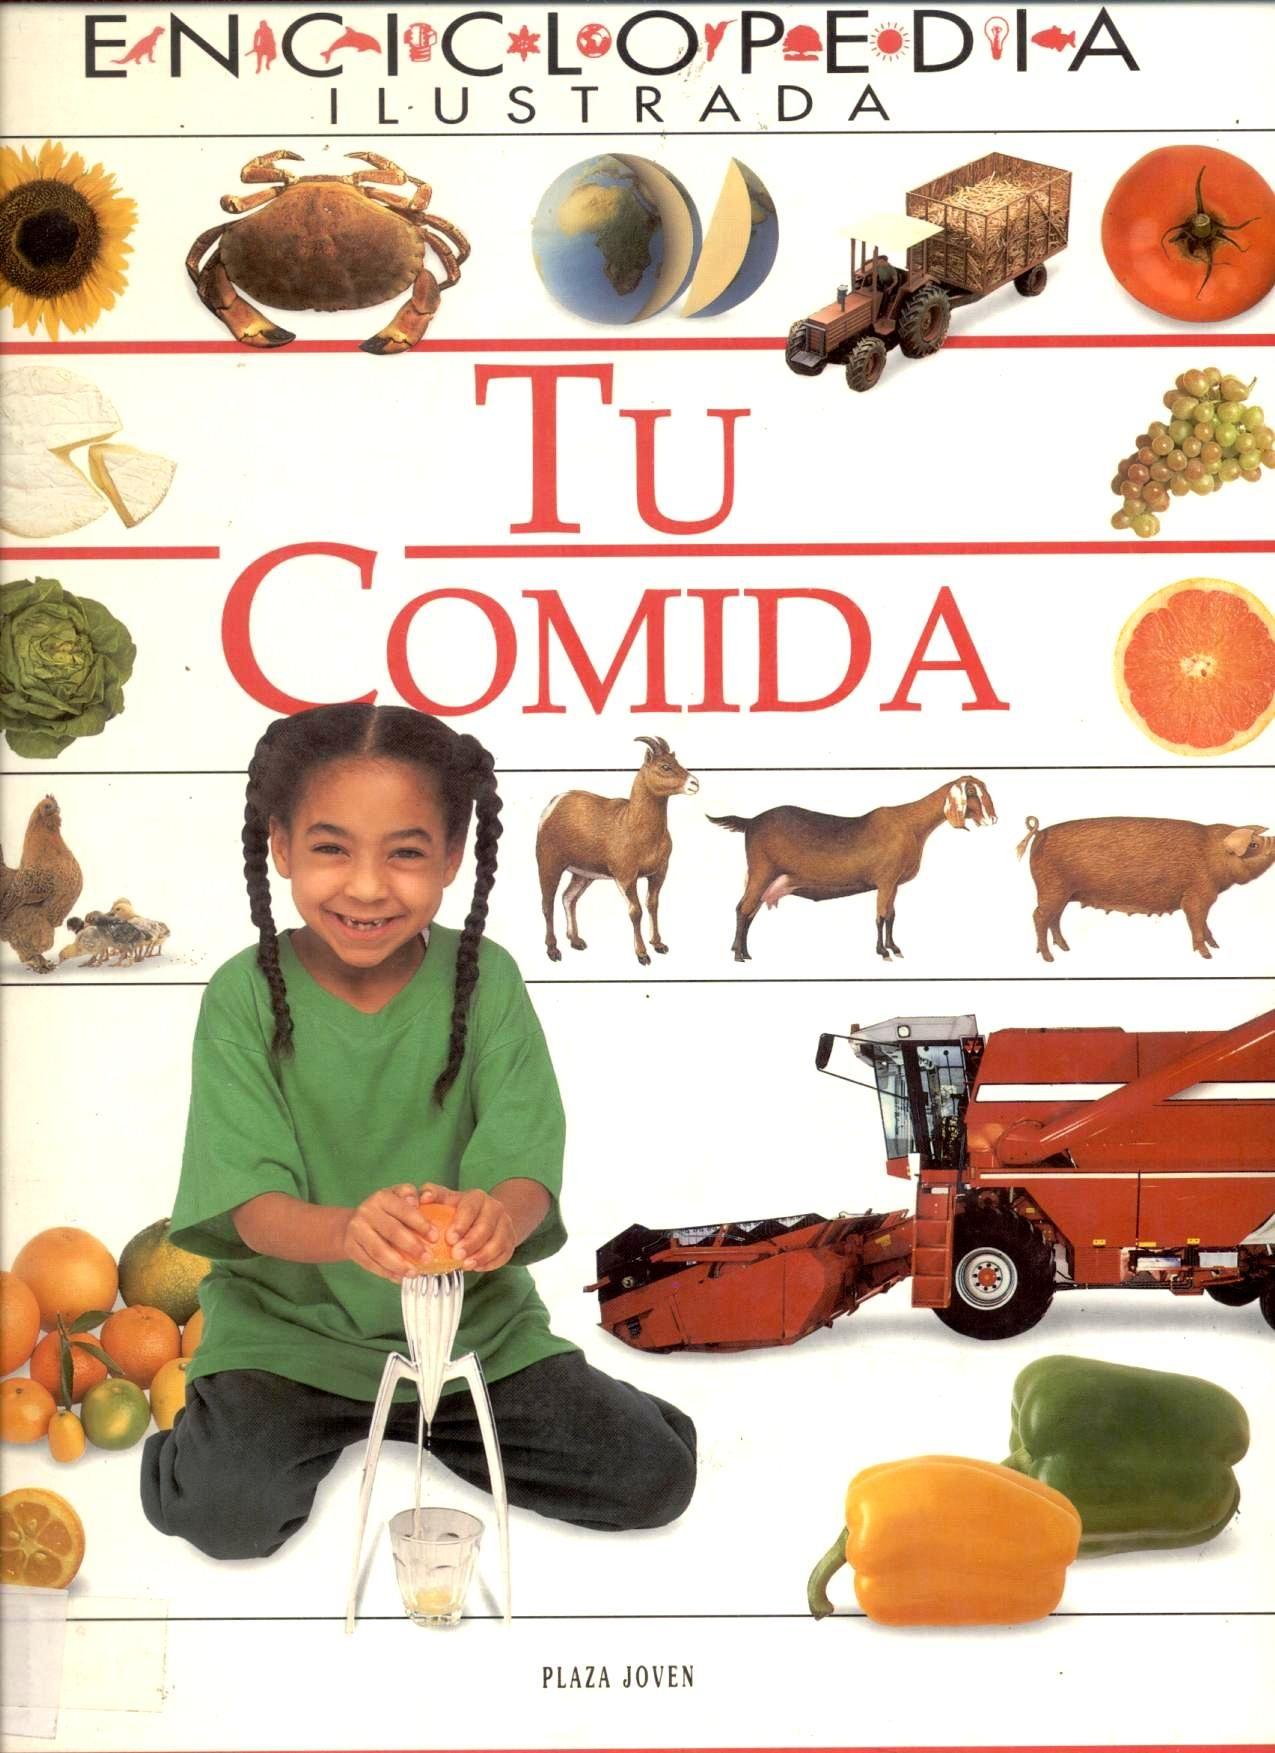 Pin By Biblioteca De Contrueces On Libros Apetitosos Para Pequenos Lectores